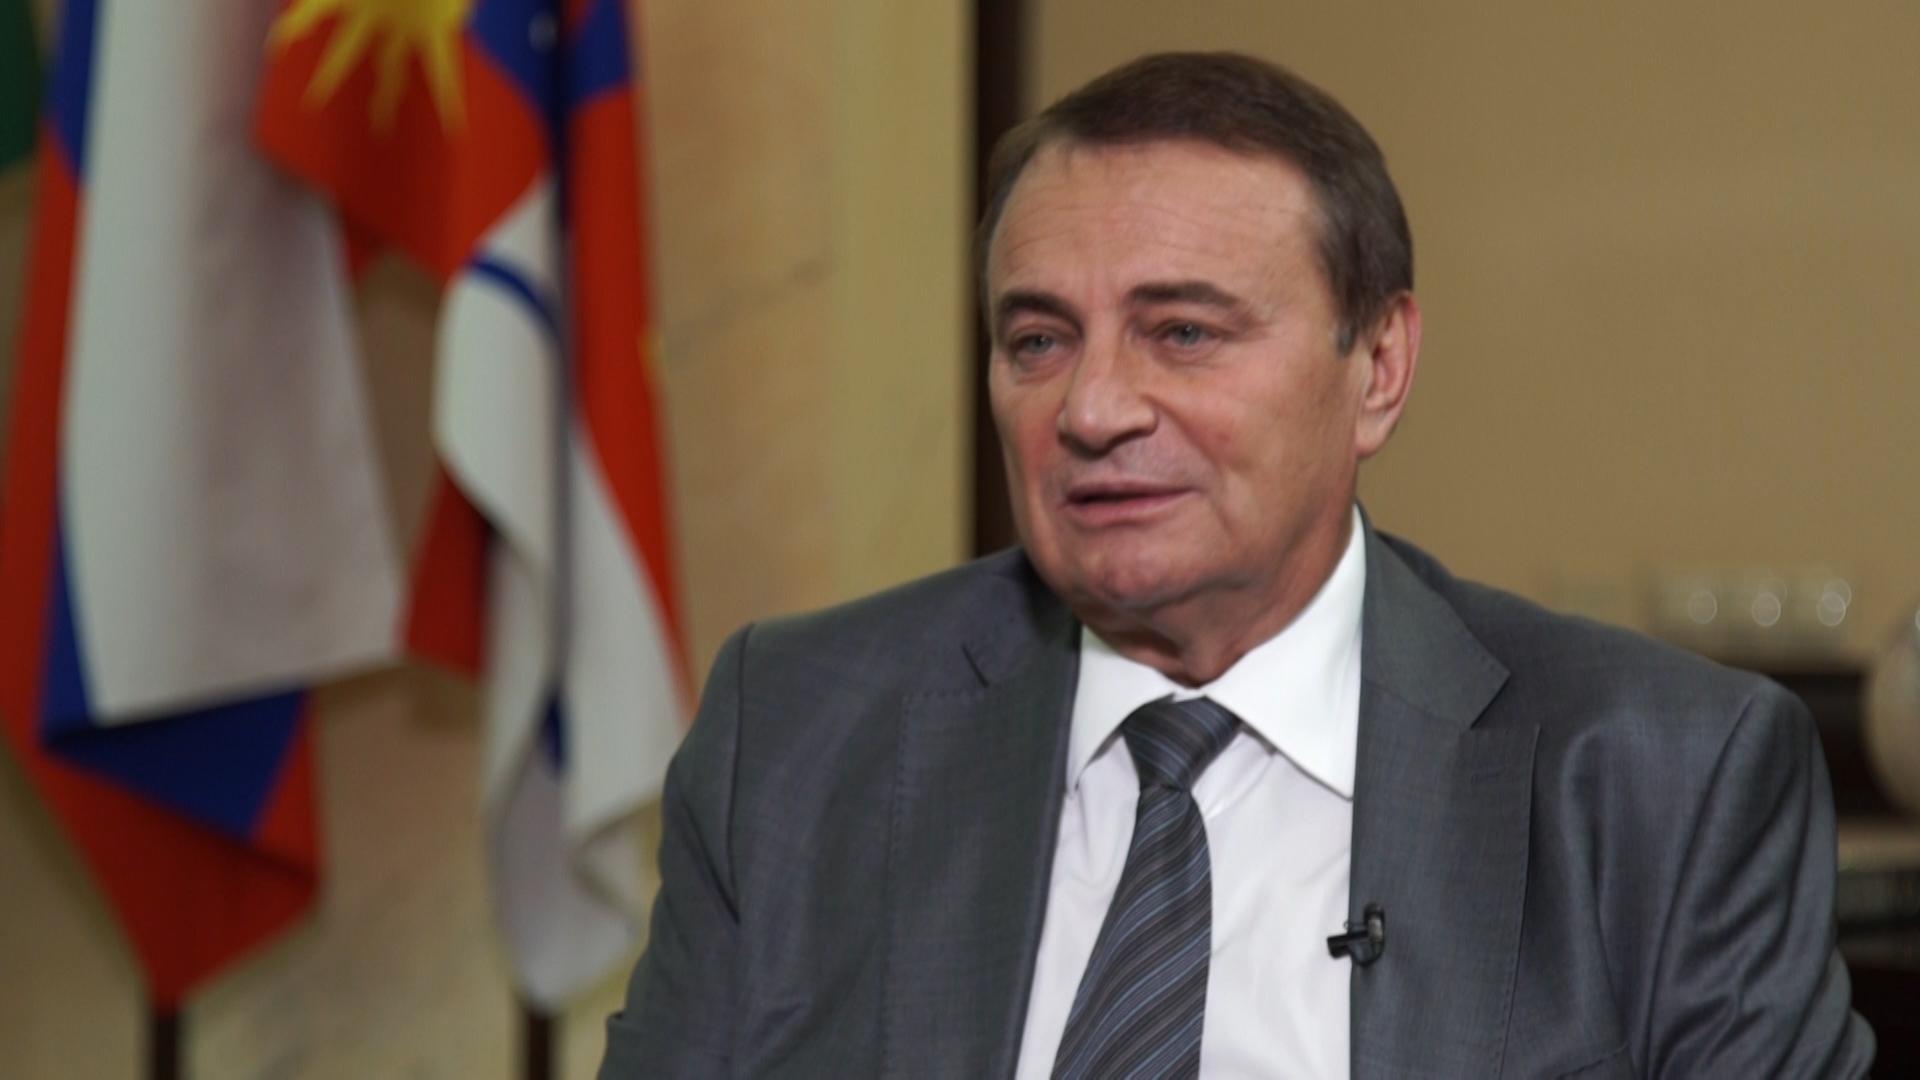 Интервью с главой города Сочи Анатолием Пахомовым